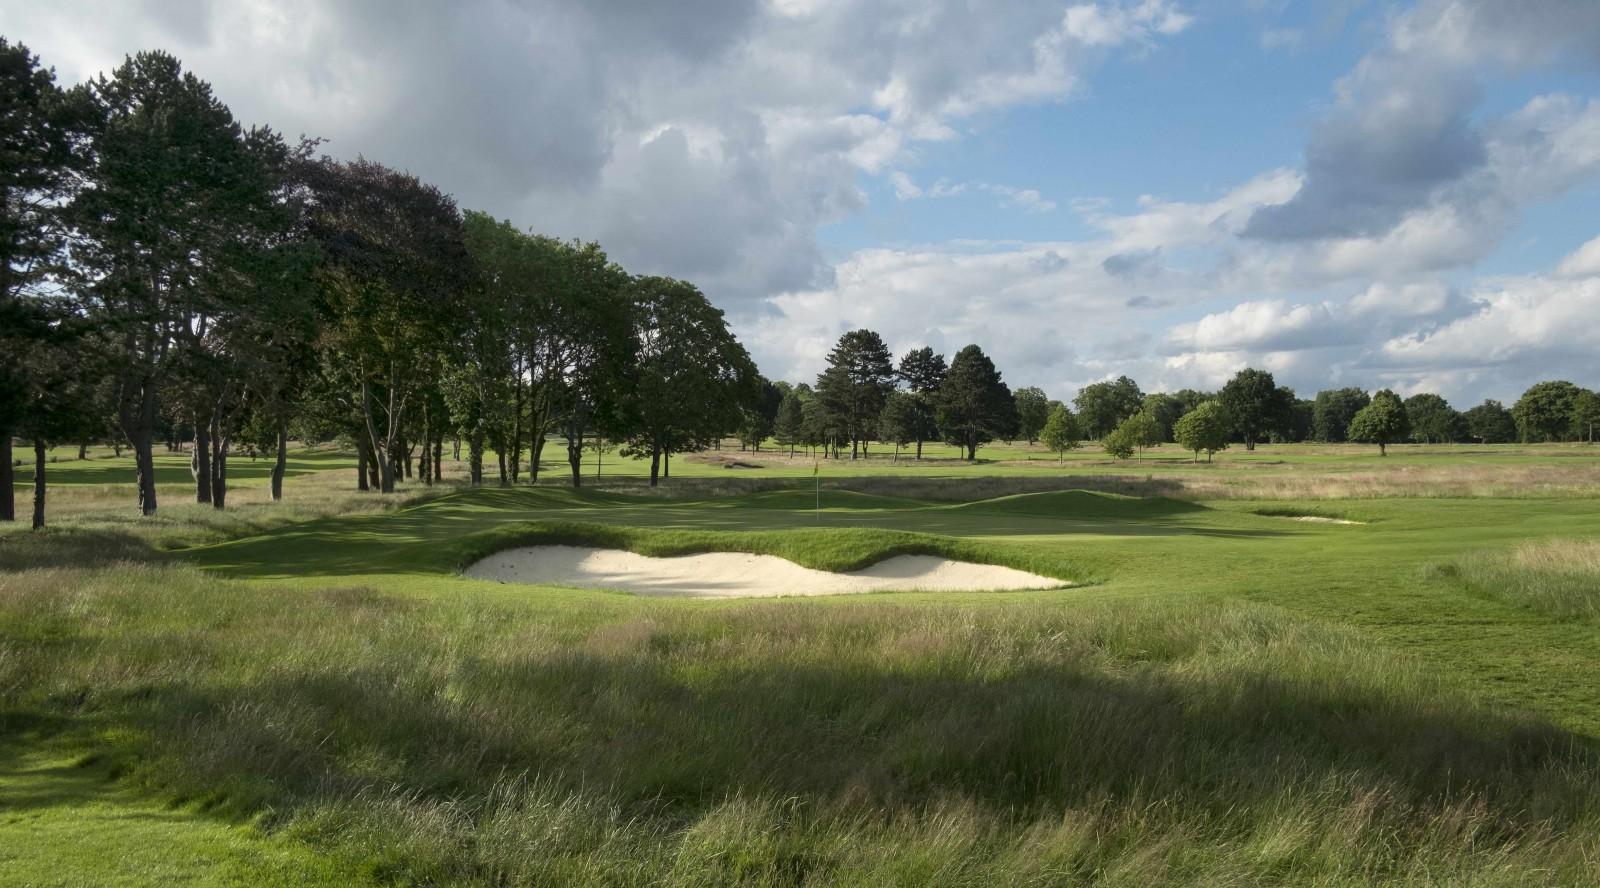 Royal Blackheath invita a participar en el innovador Abierto Mixto - Golf News |  Revista de golf